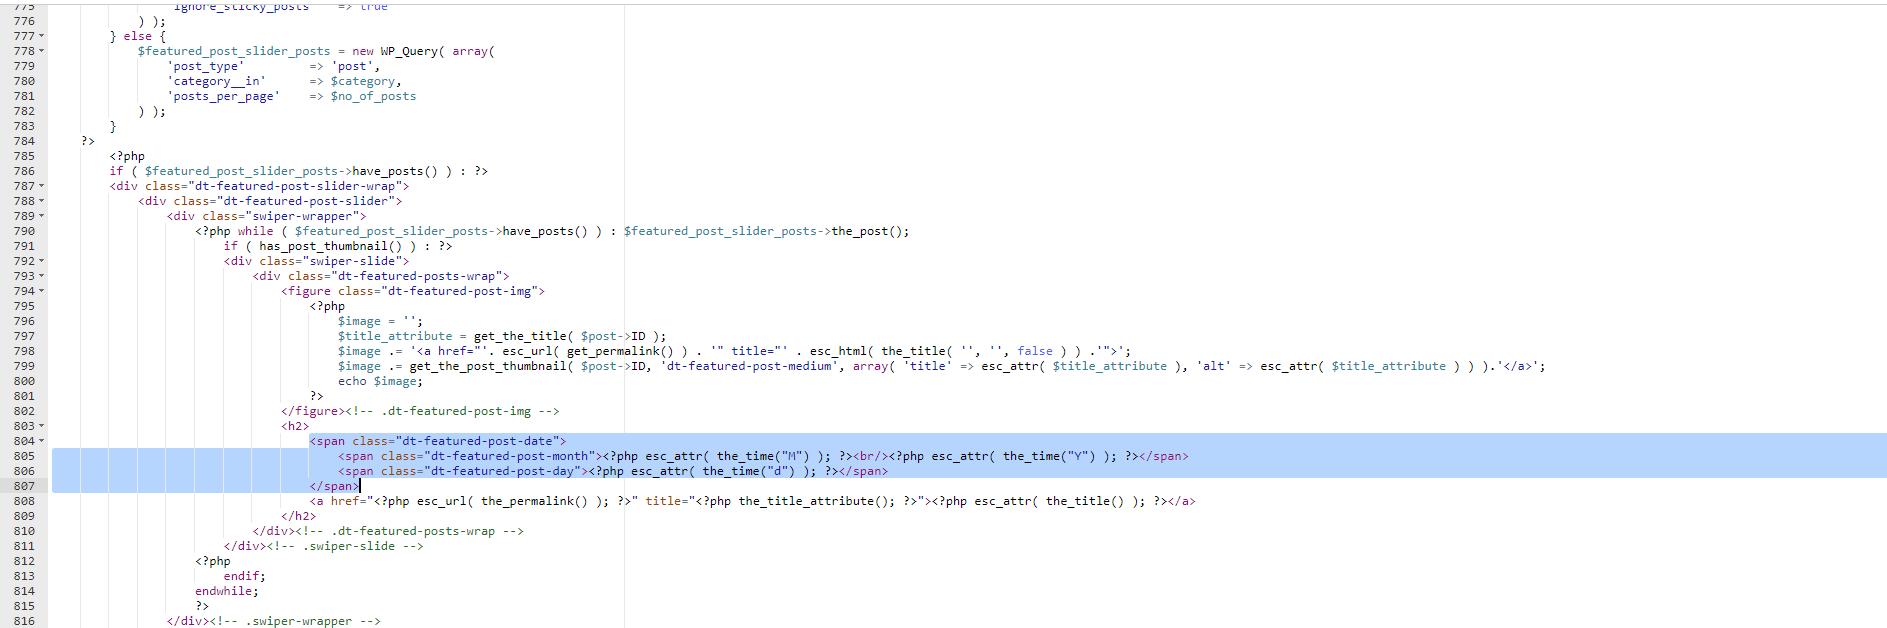 como-eliminar-la-fecha-de-los-posts-en-wordpress